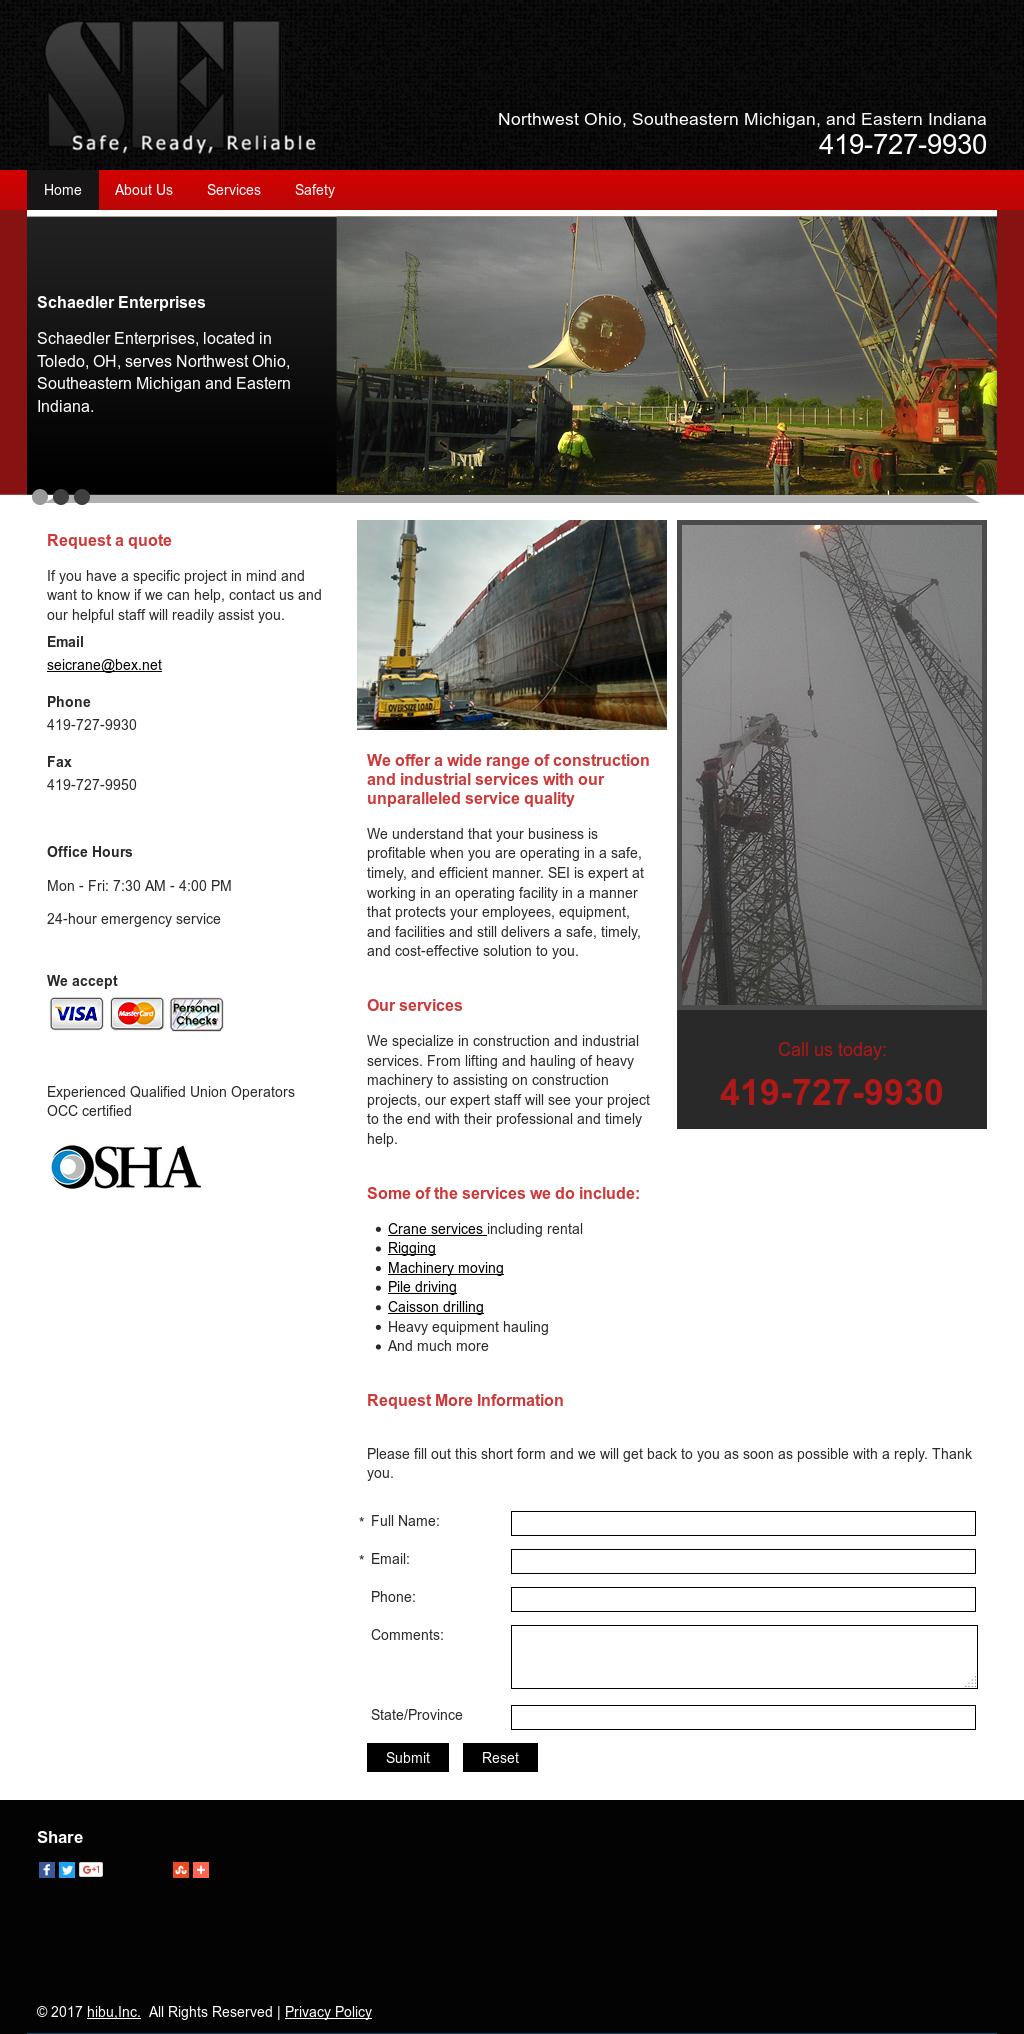 Schaedler Enterprises Competitors, Revenue and Employees